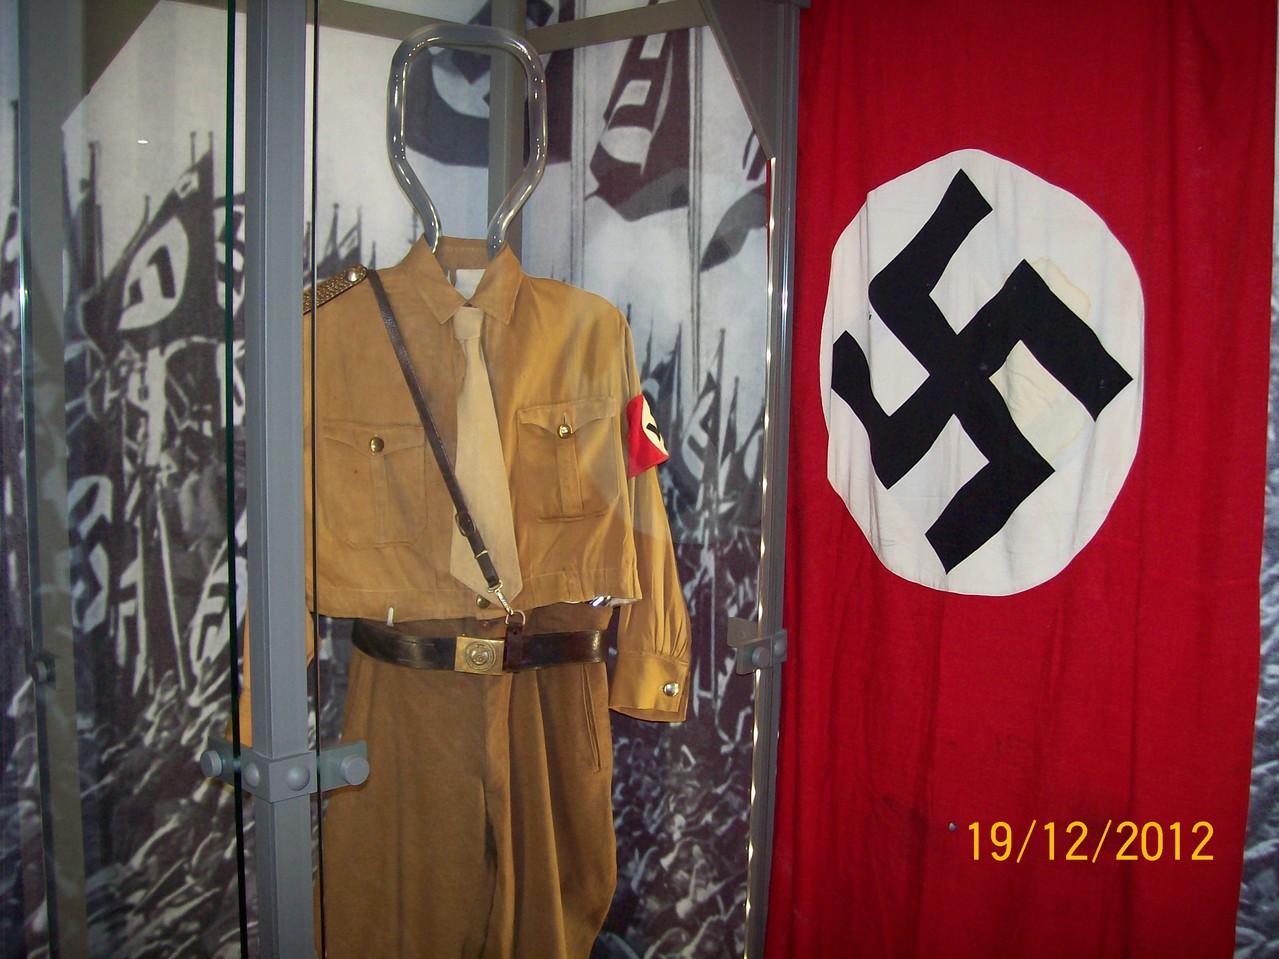 """Жахливе нагадування про історію Другої світової війни - форма """"Гітлерюгенд"""""""